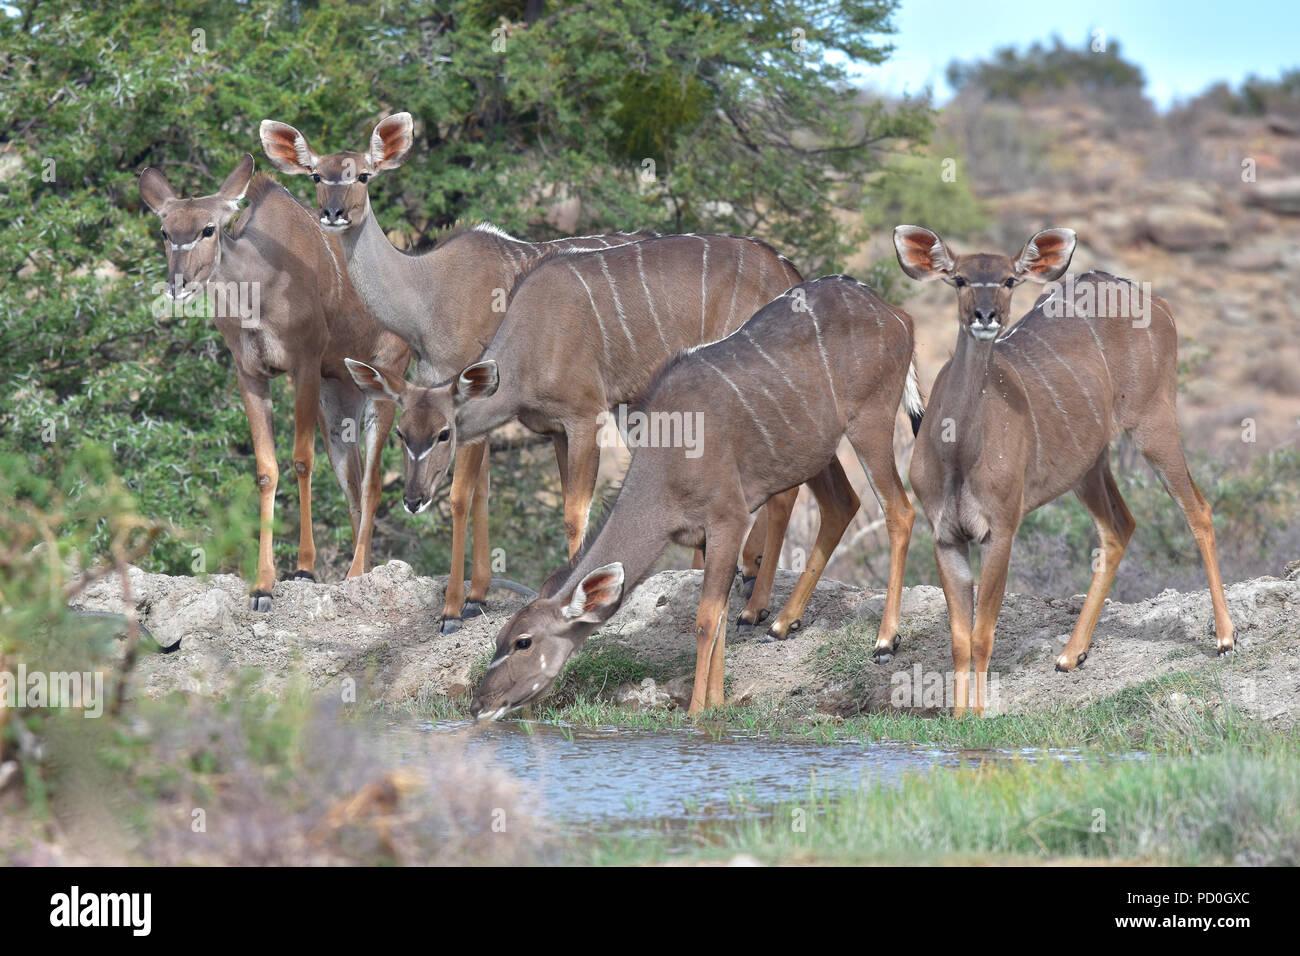 L'Afrique du Sud, une destination de voyage fantastique de faire l'expérience de troisième et premier monde ensemble. Les vaches de Kudu verre wat waterhole dans le parc national du Karoo. Photo Stock